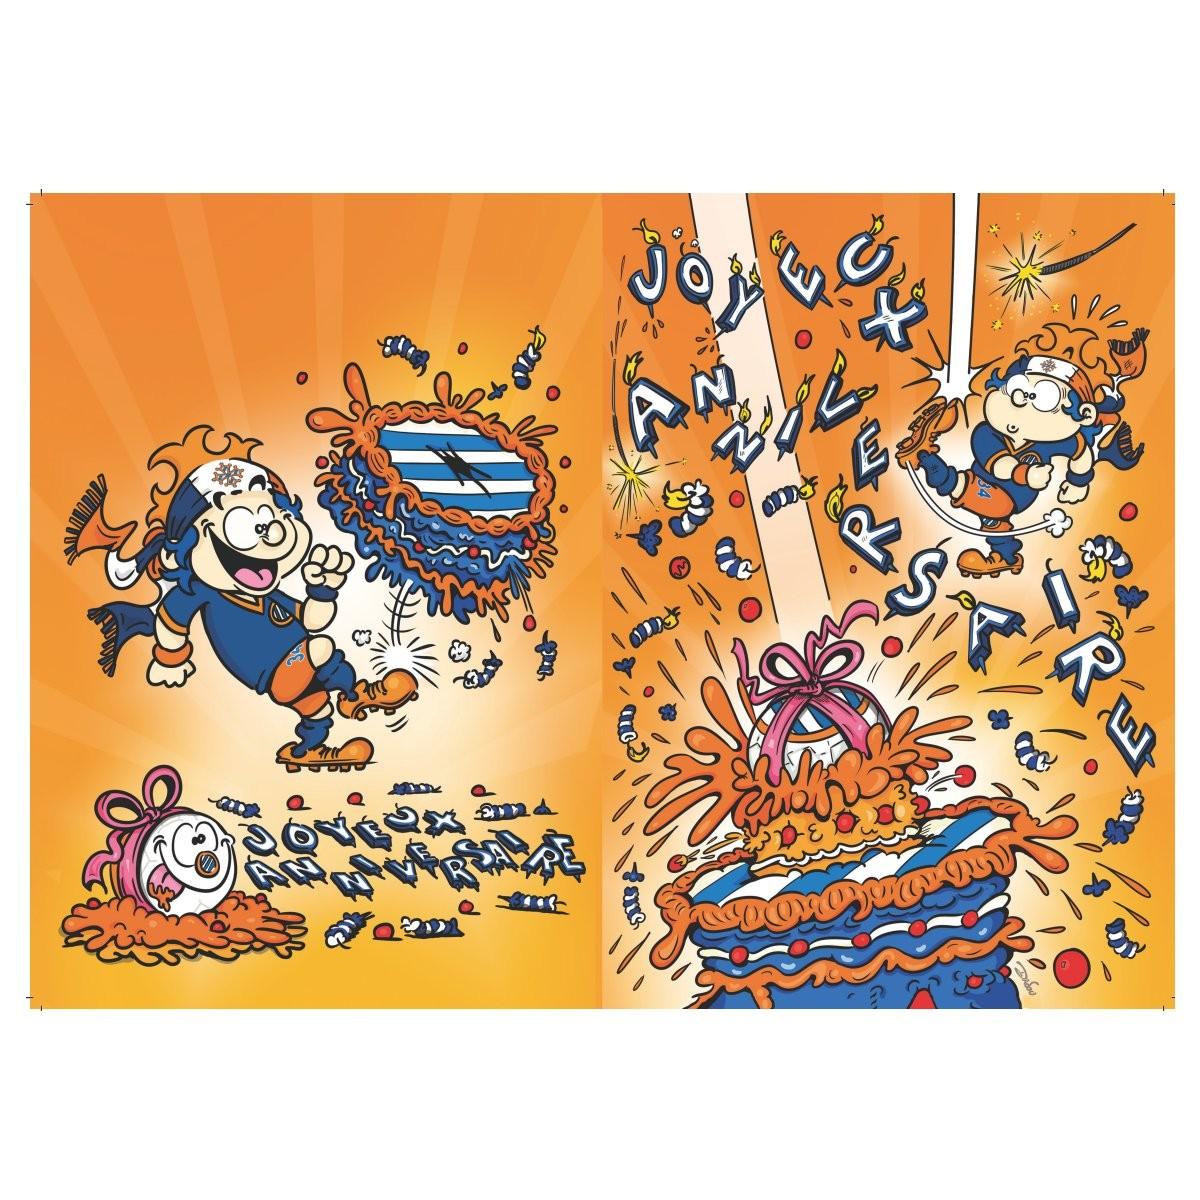 Carte D Anniversaire Pailladinho Mhsc Mhsc La Boutique Officielle Du Montpellier Herault S C